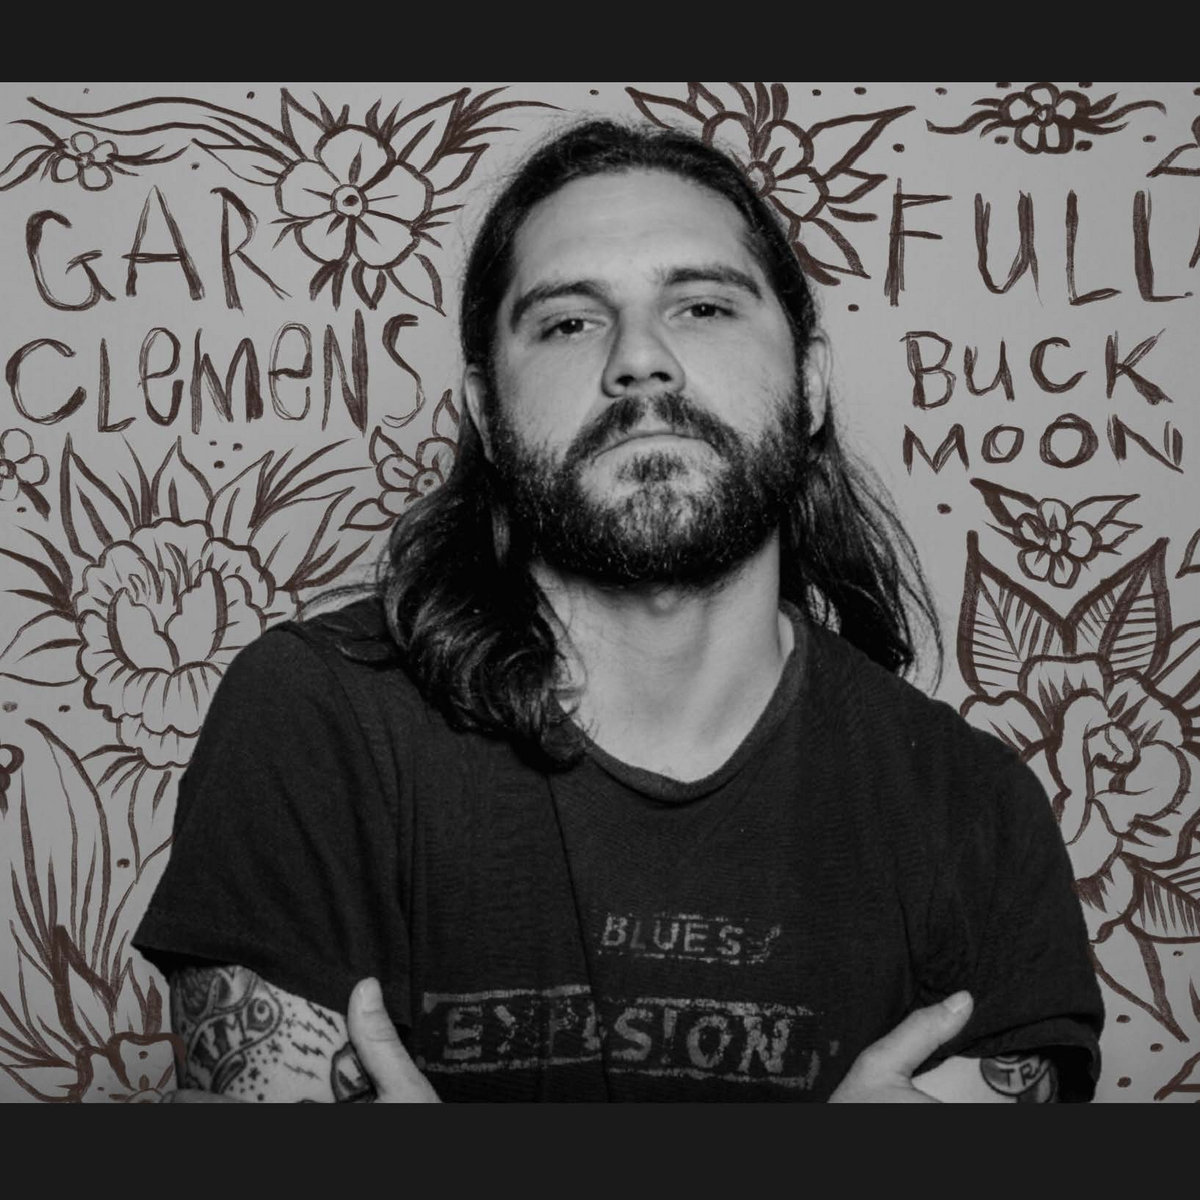 Full Buck Moon | Gar Clemens